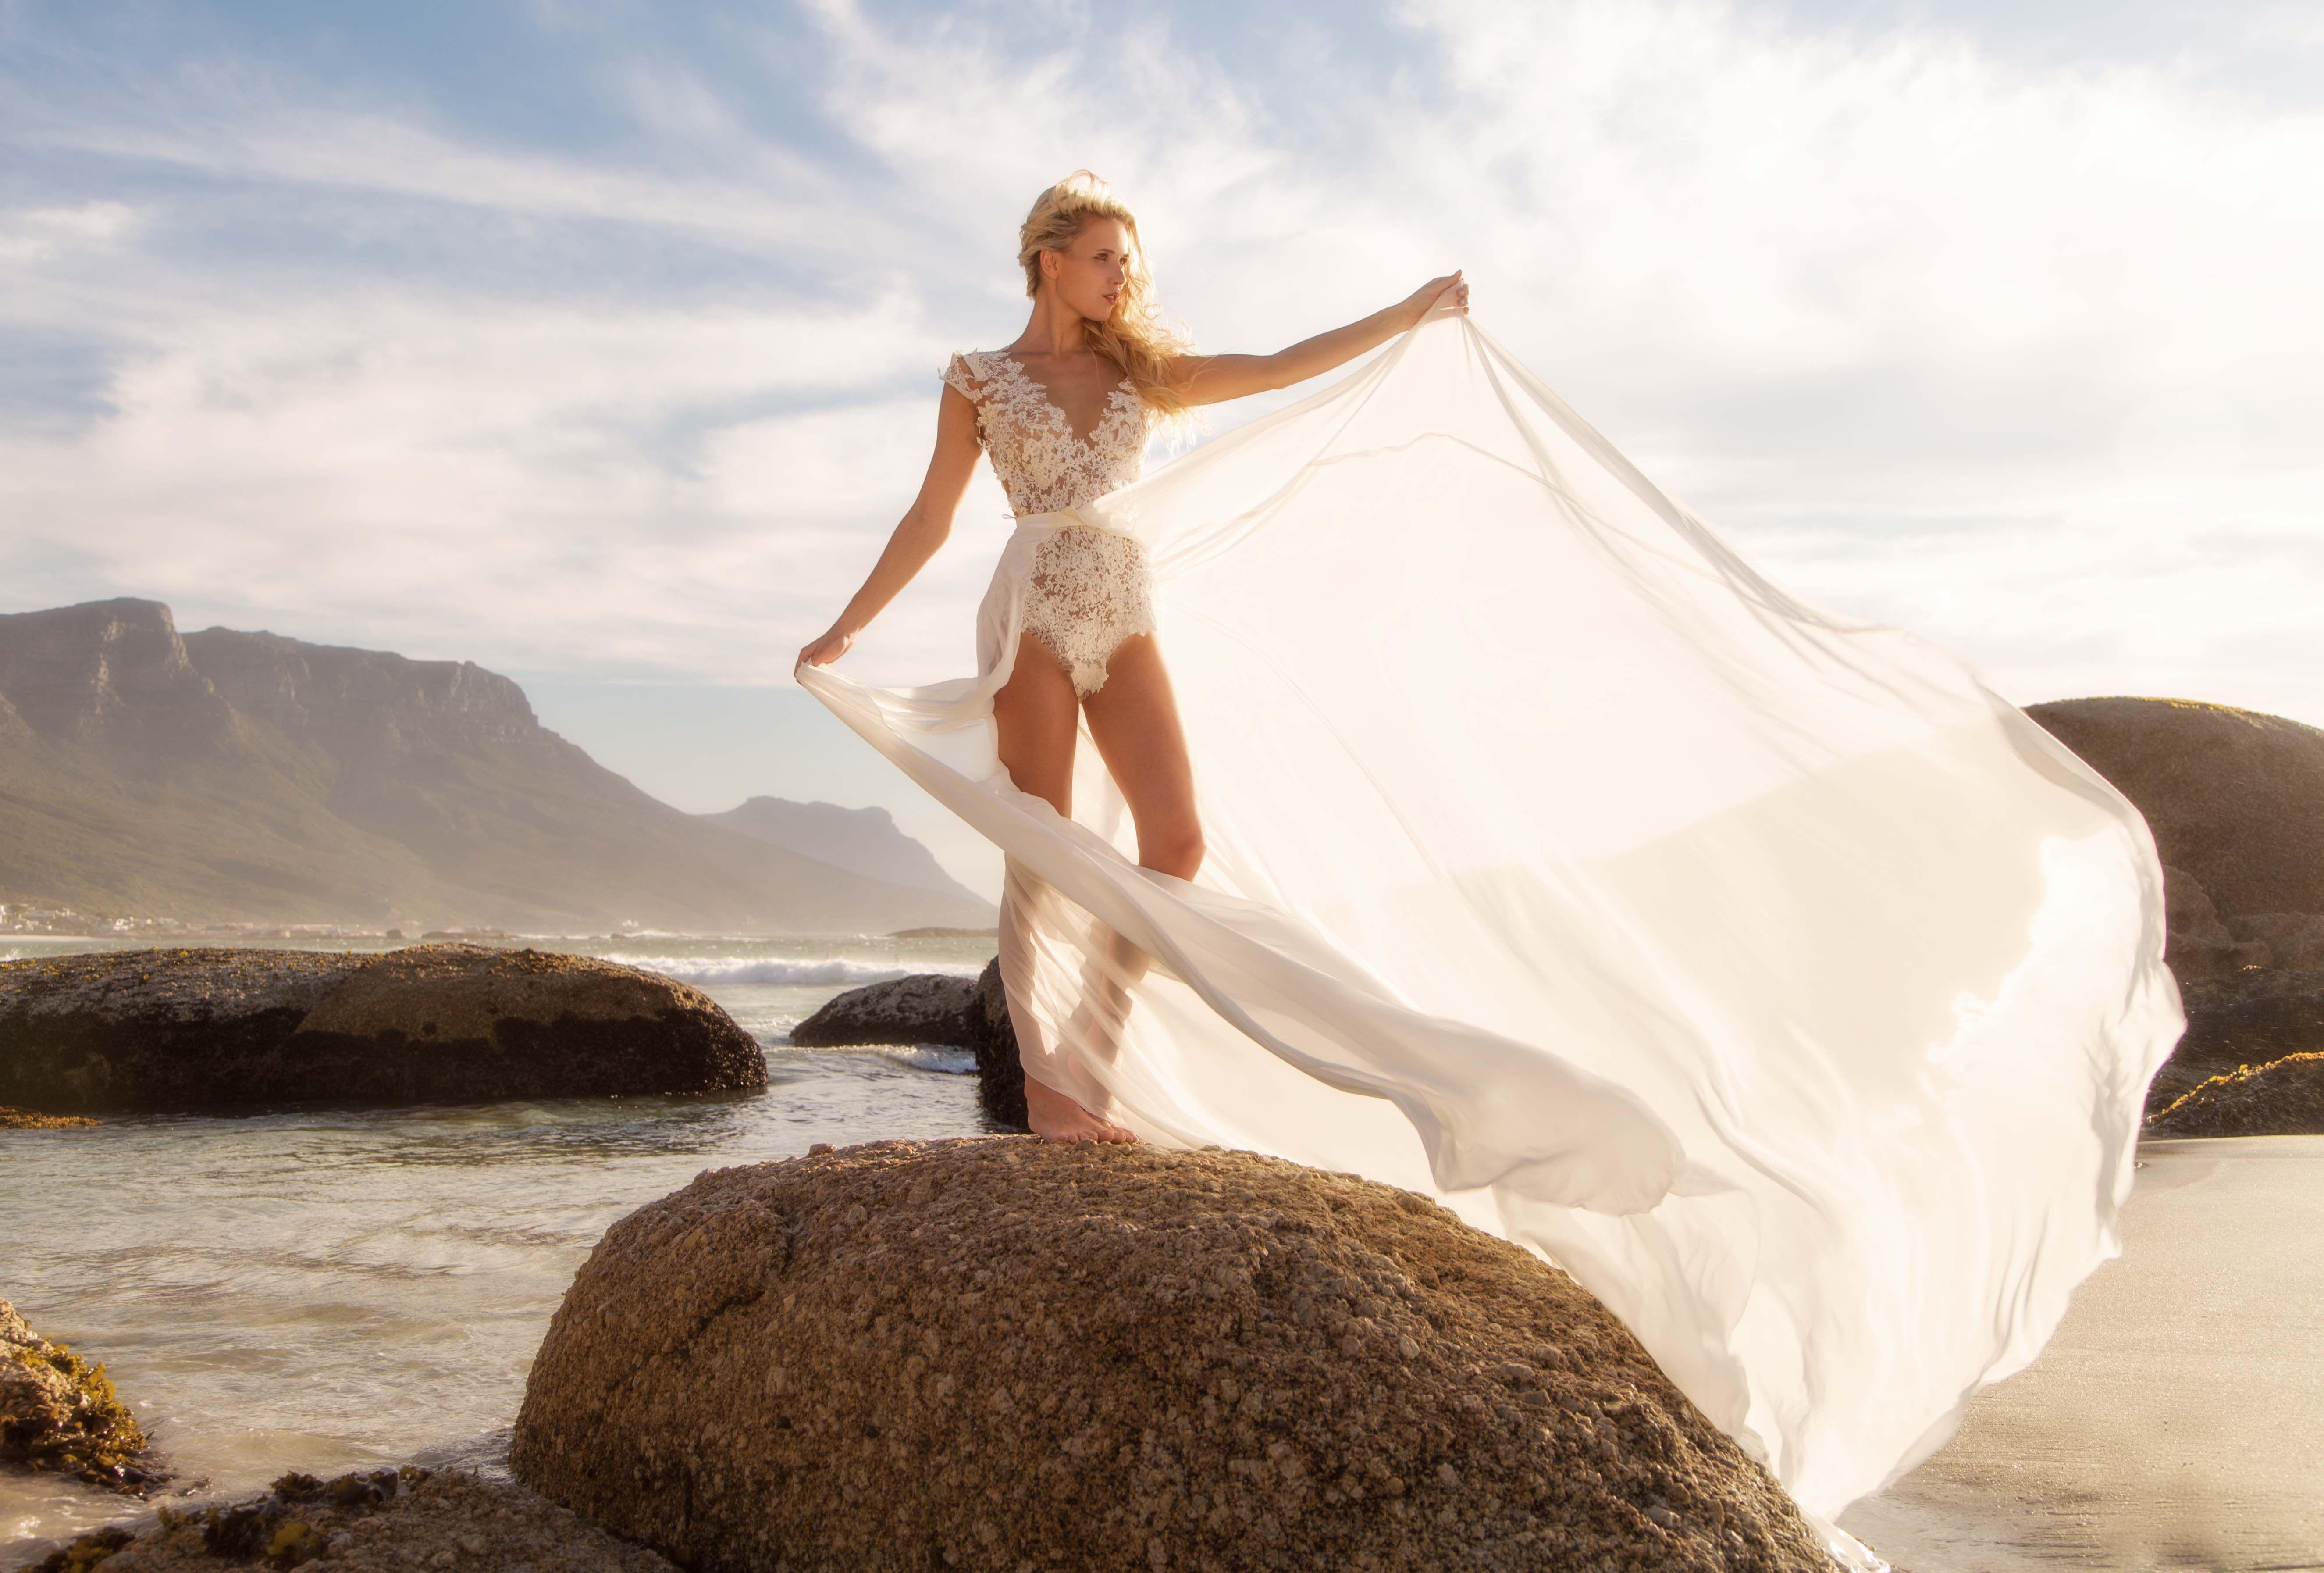 Emanuel Hendrik Body Suit Dance Train Nina Wedding Dress Wedding Duesseldorf Handgefertigt Handmade White Kleid Hochzeit Braut Hochzeitskleid